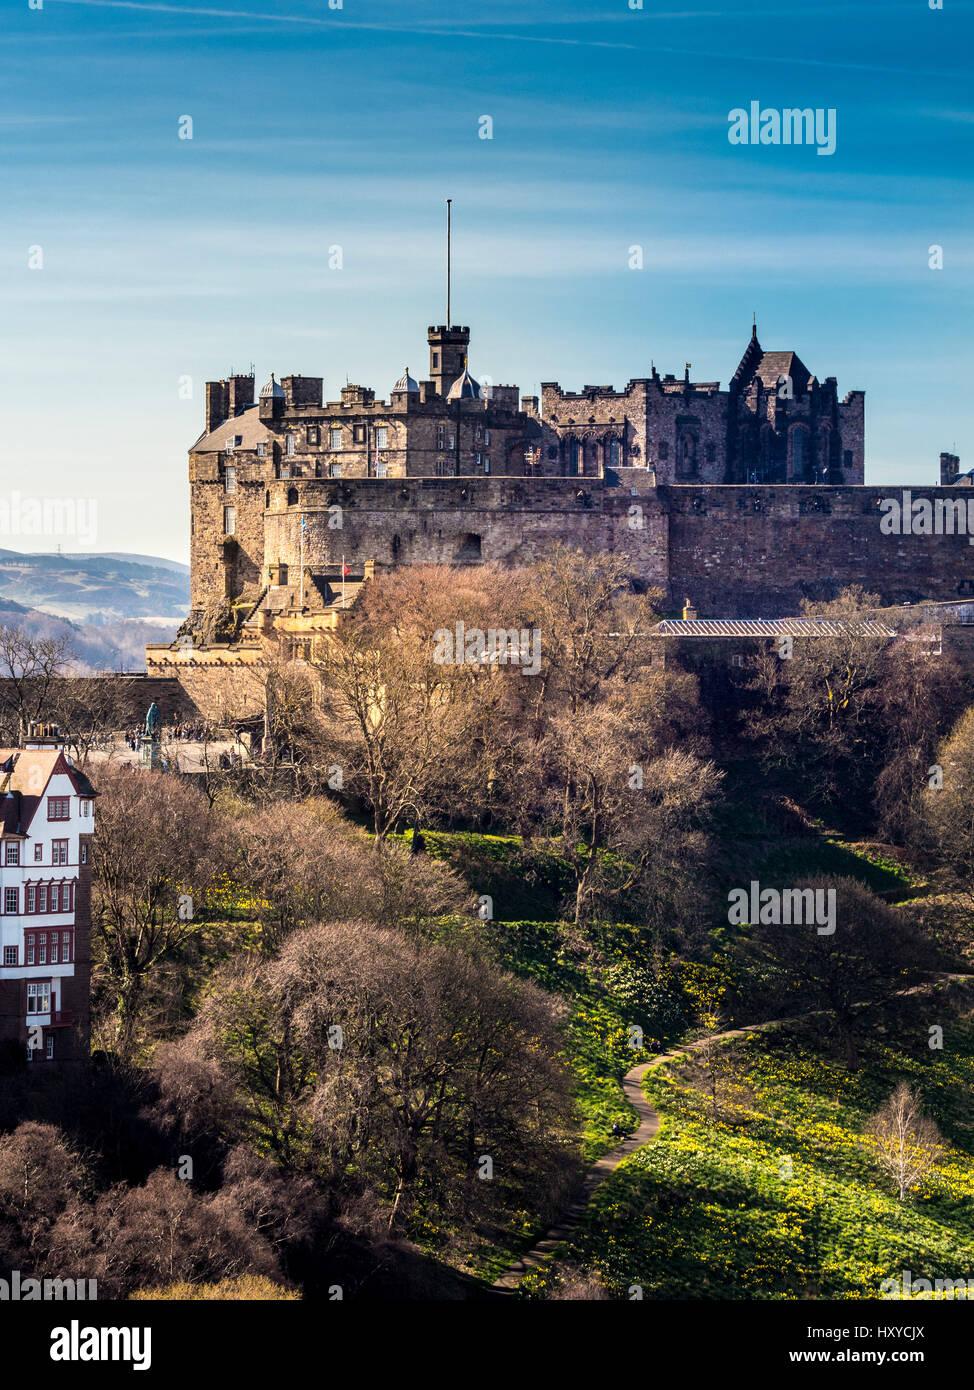 Le Château d'Edinburgh, Édimbourg, Écosse, Royaume-Uni. Photo Stock